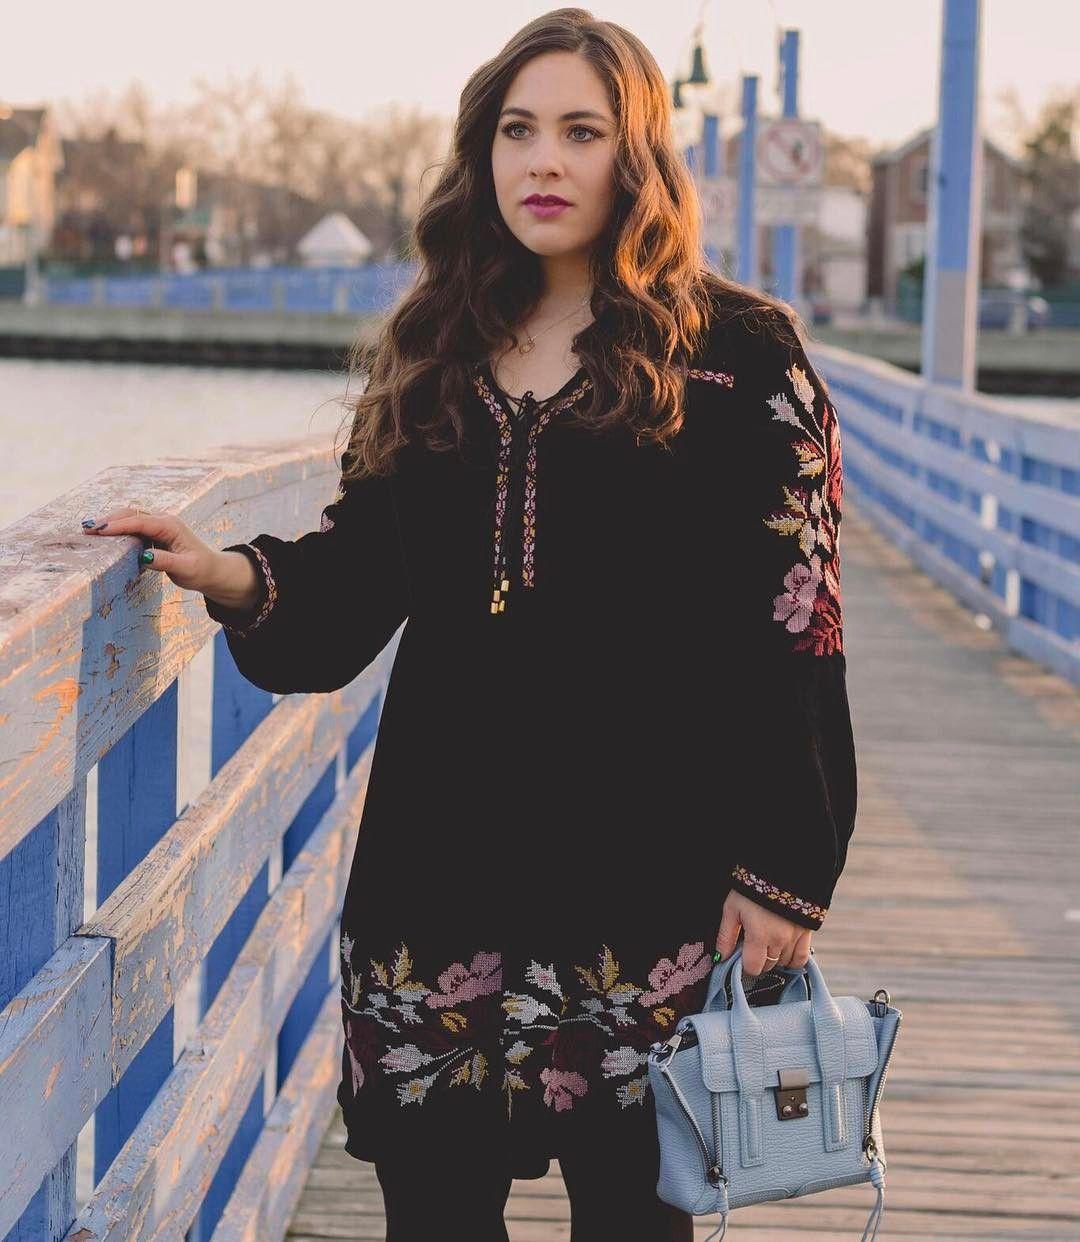 dutch blogger content creator bba in fashion stripes